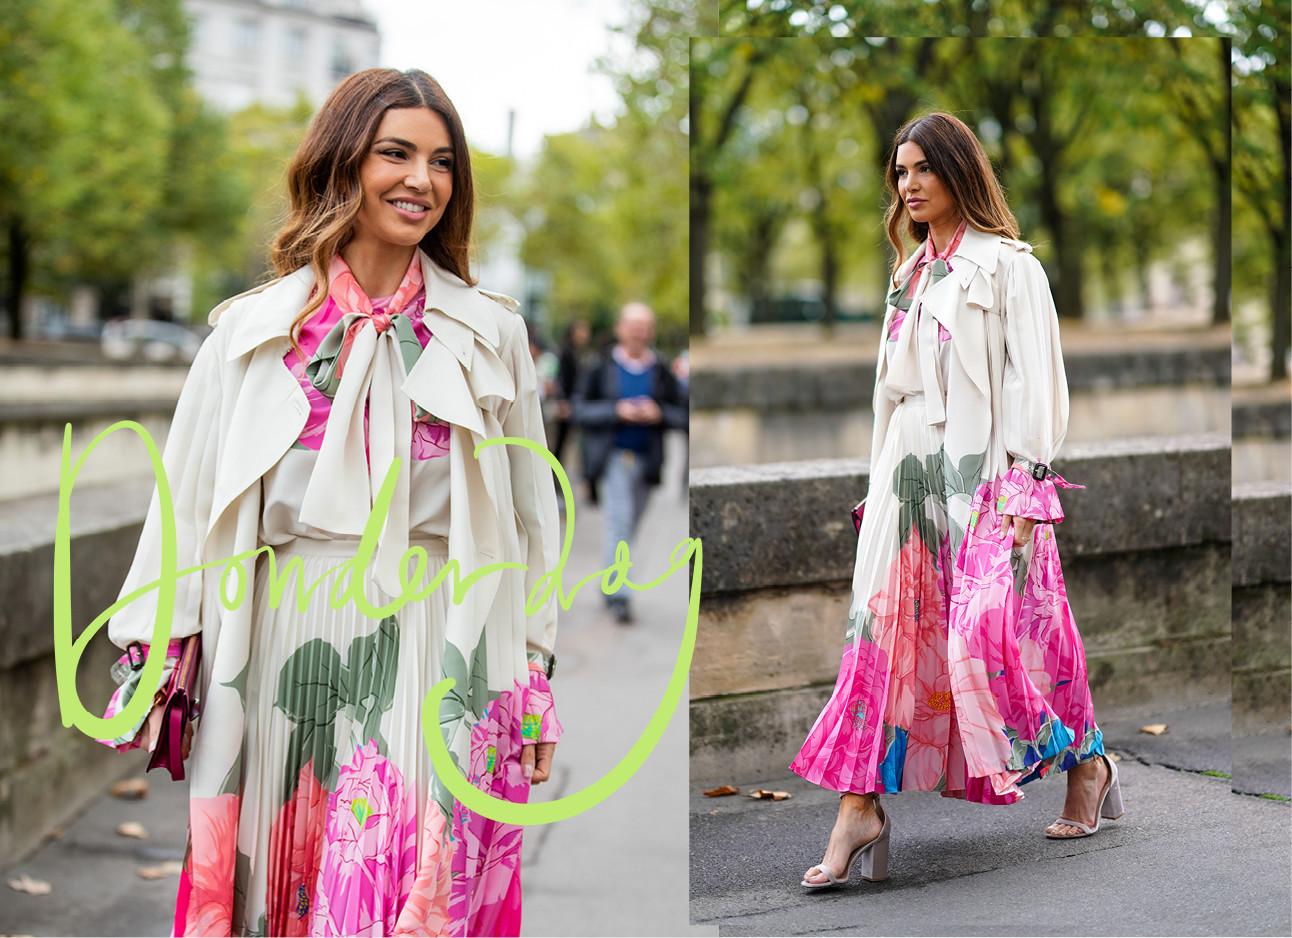 Negin Mirsalehi lopend over straat in een roze beige groene outfit